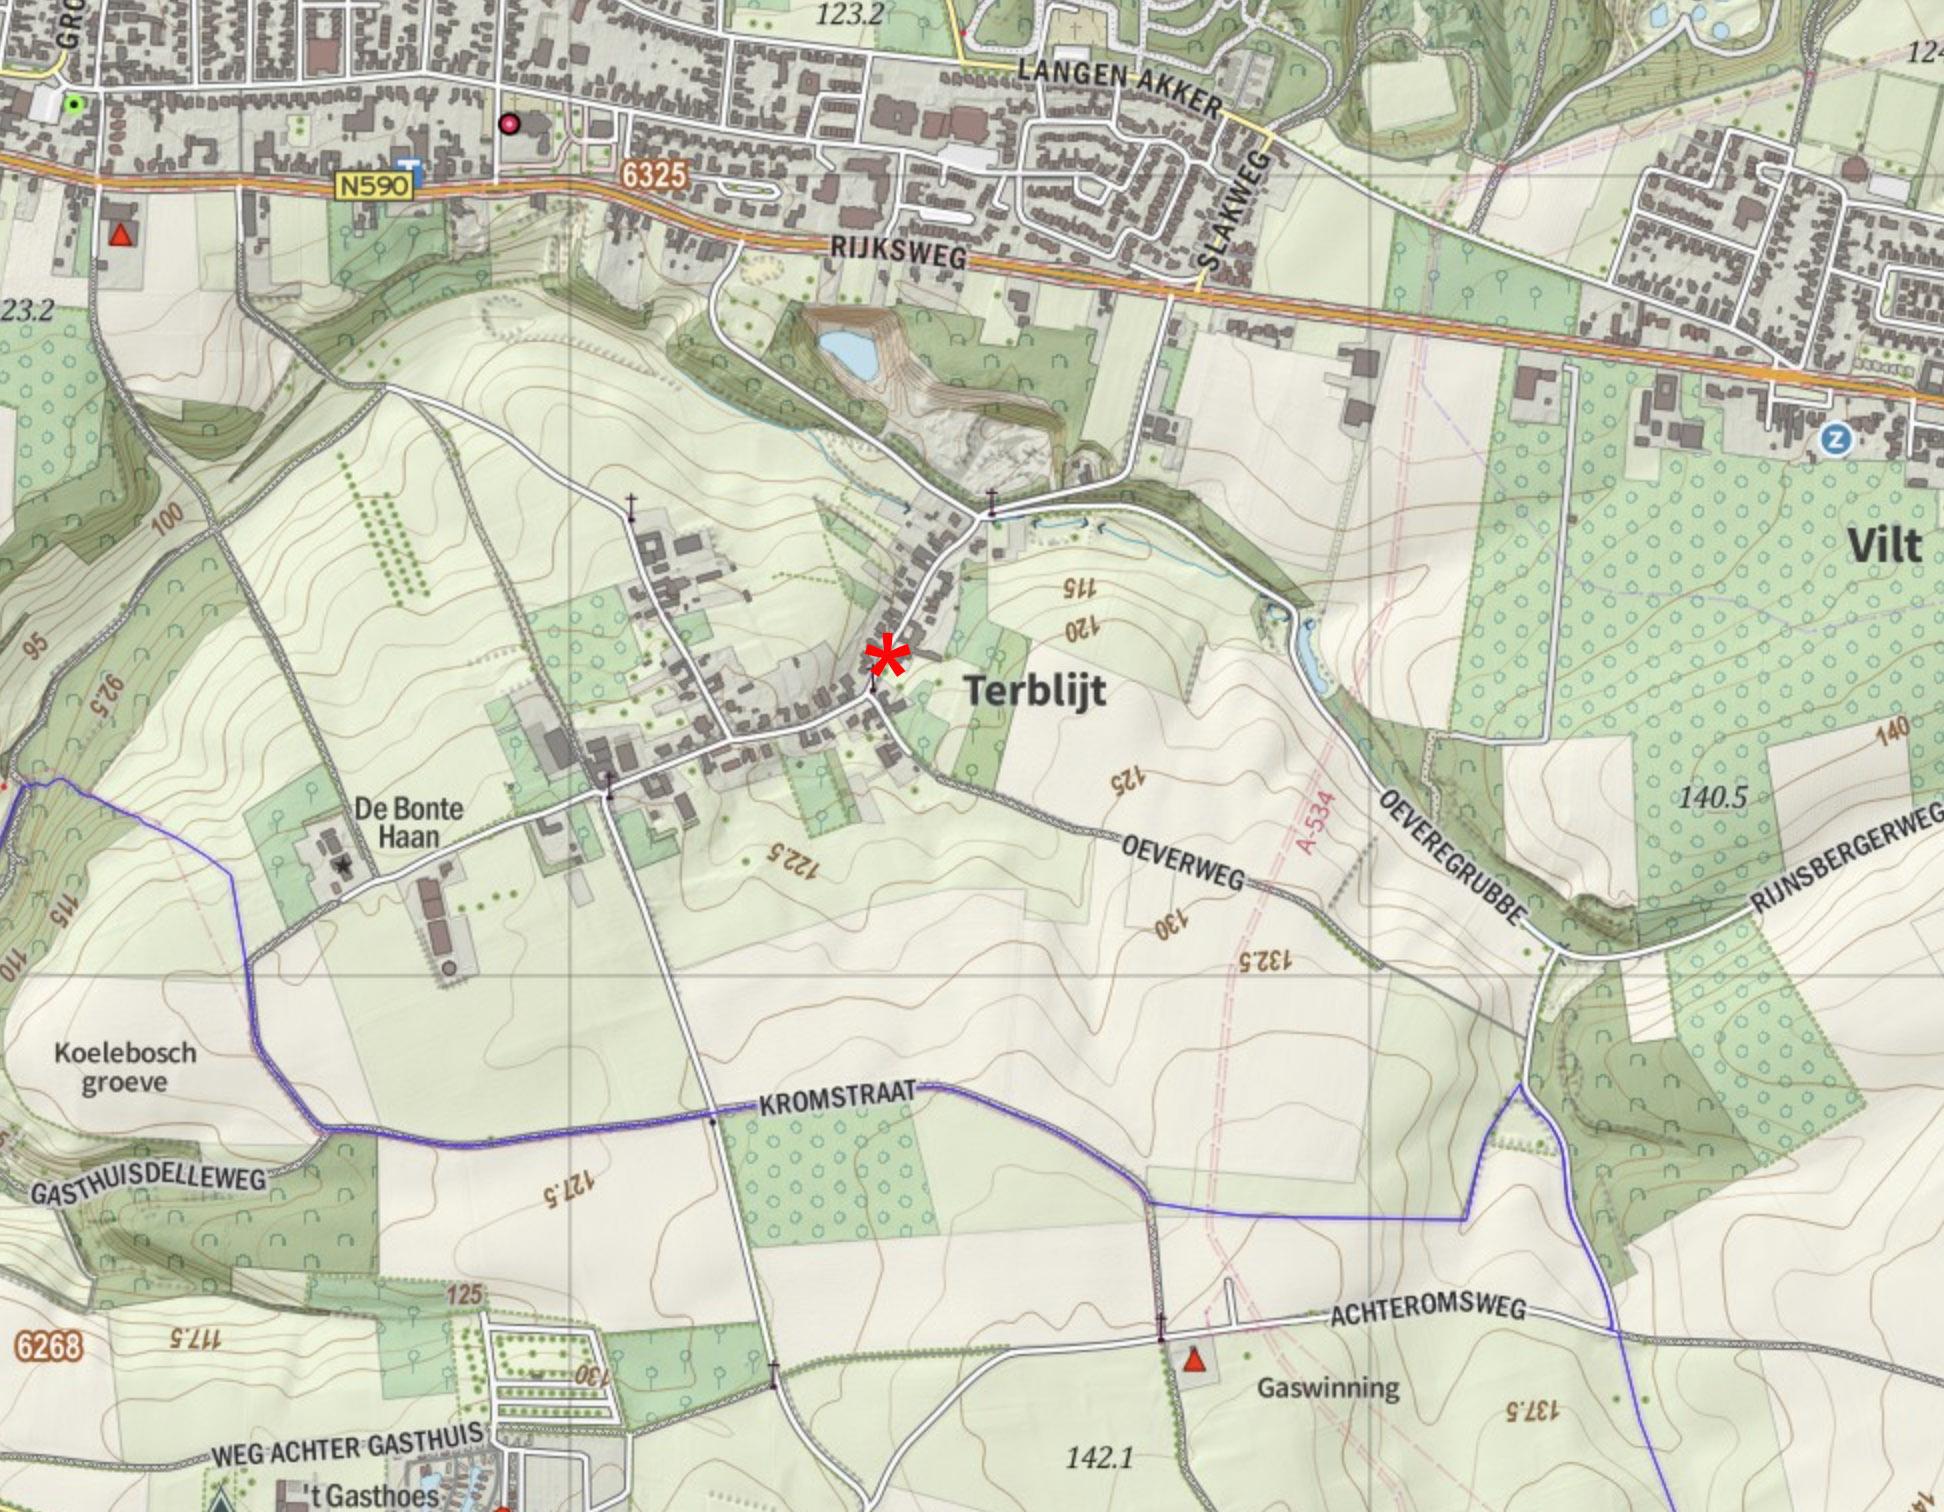 Topografische kaart omgeving Terblijt